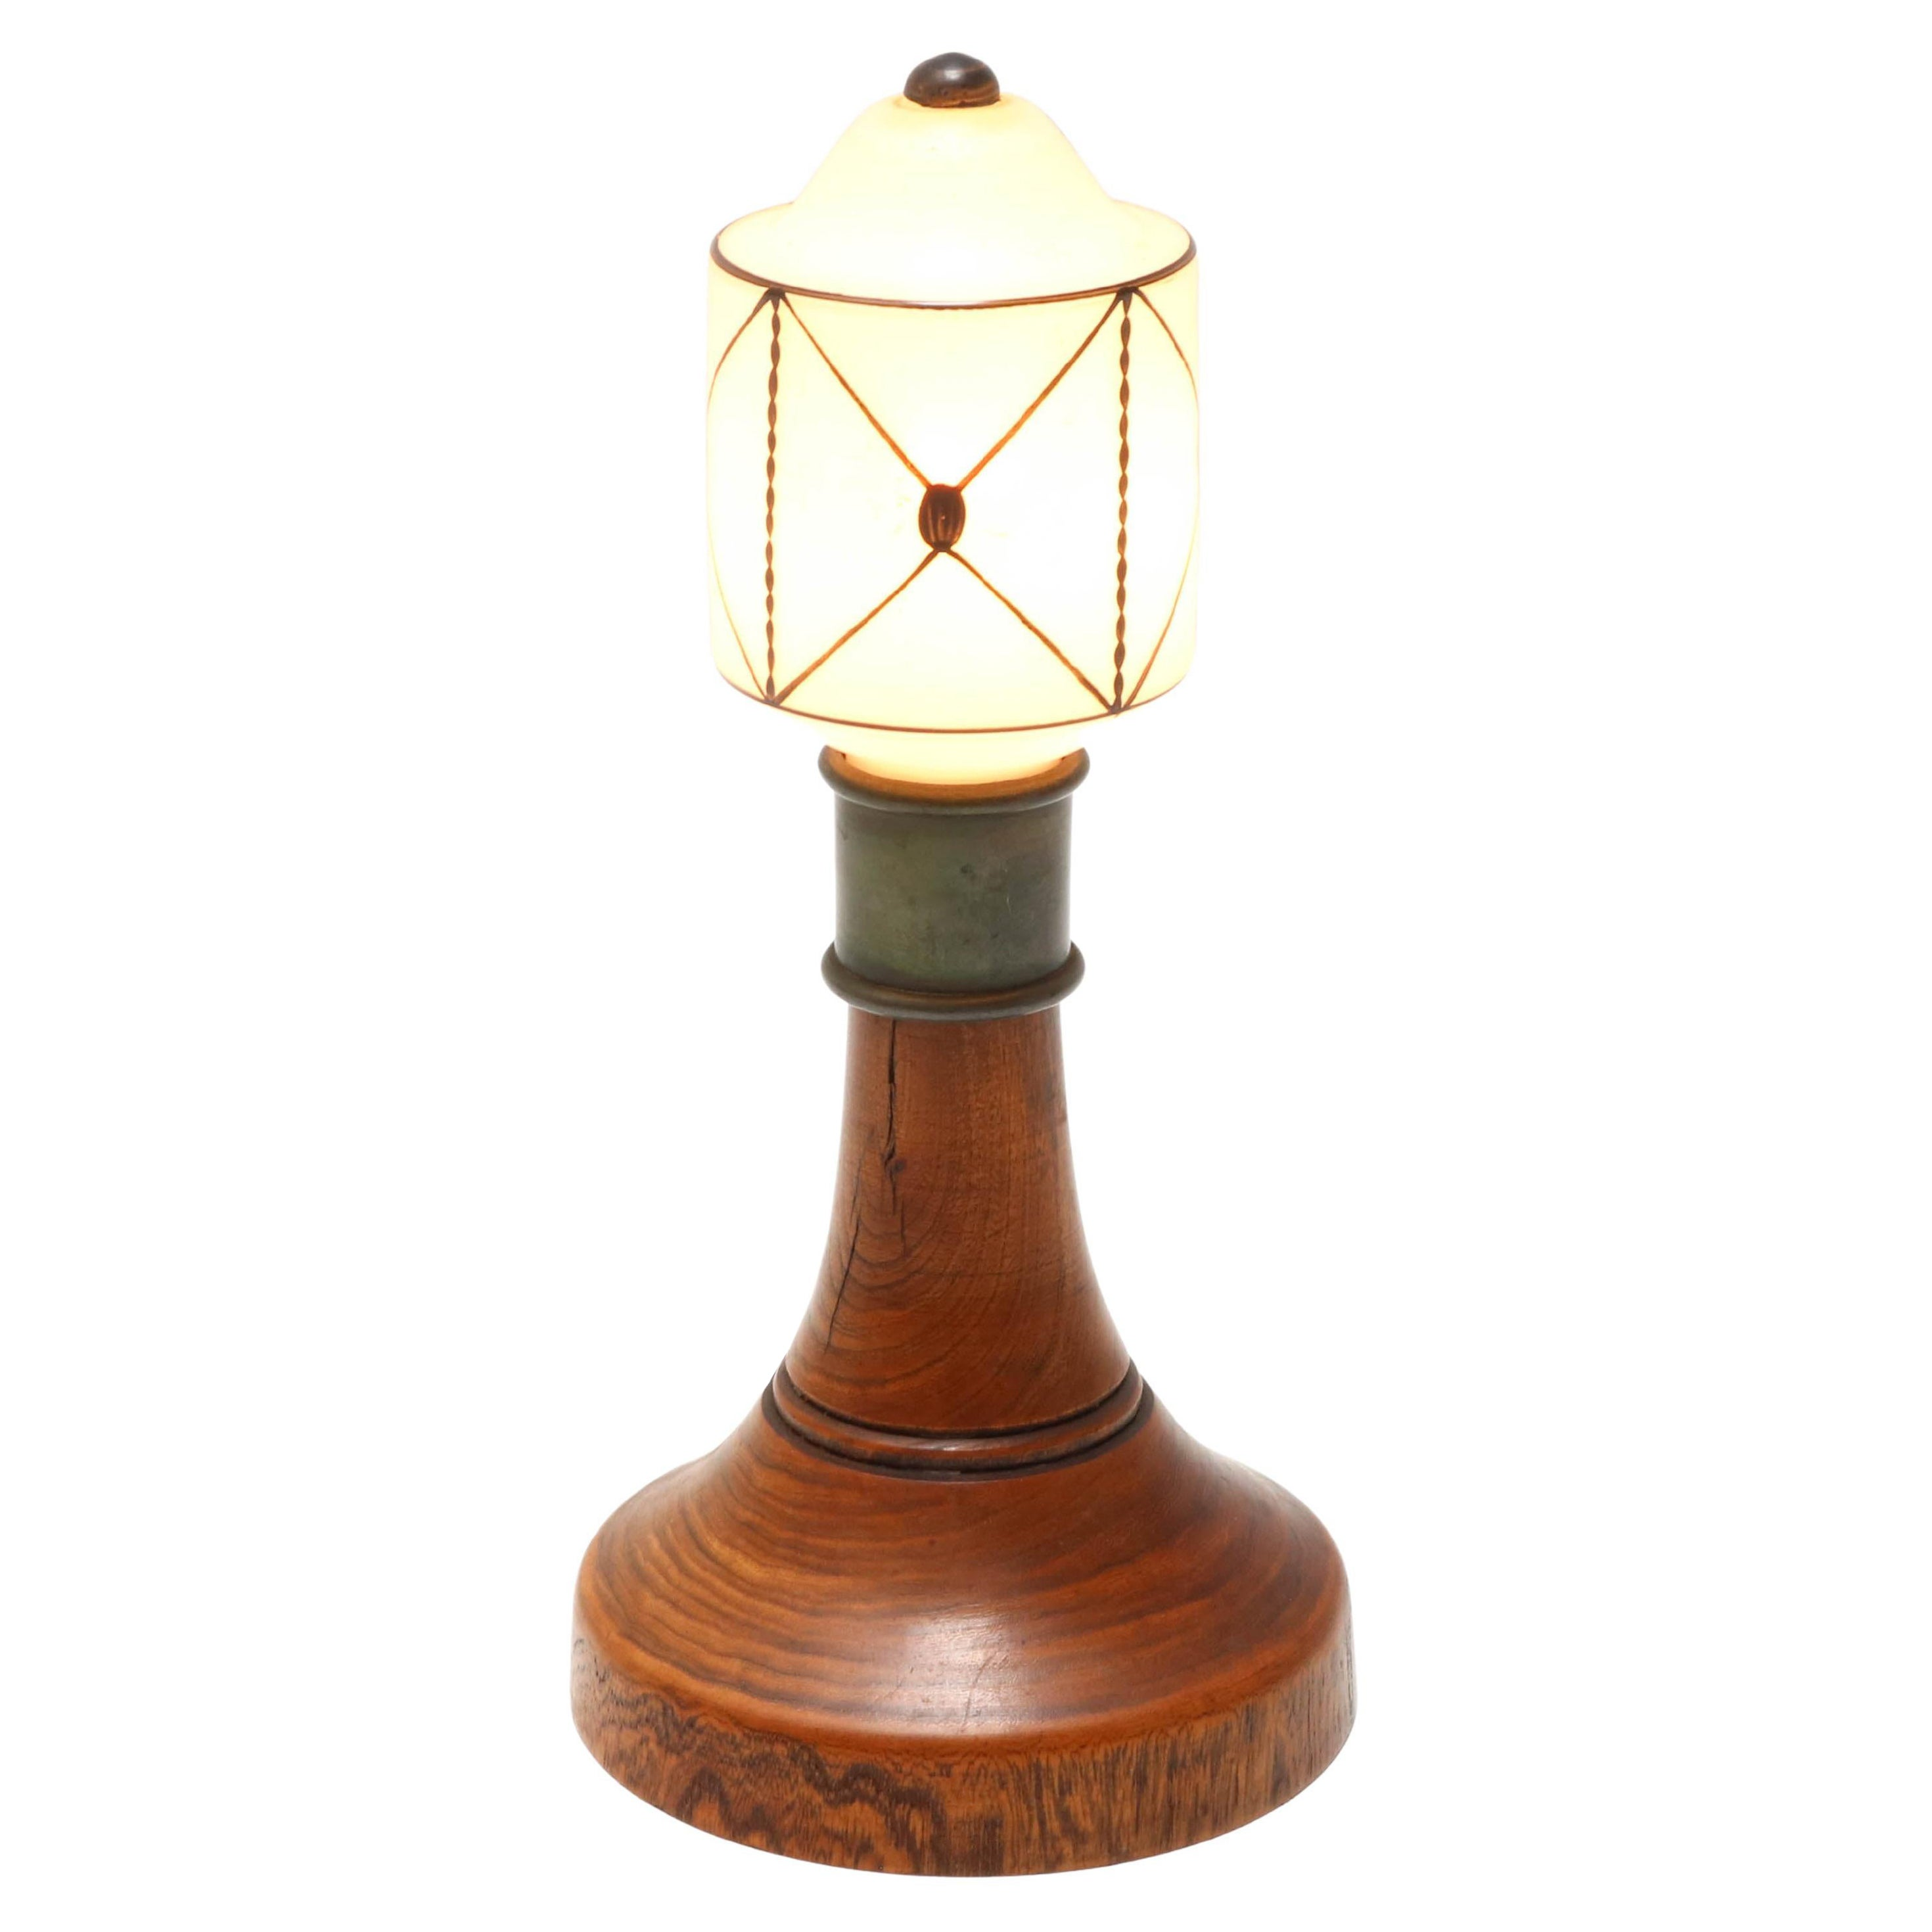 Art Nouveau Arts & Crafts Table Lamp, 1900s